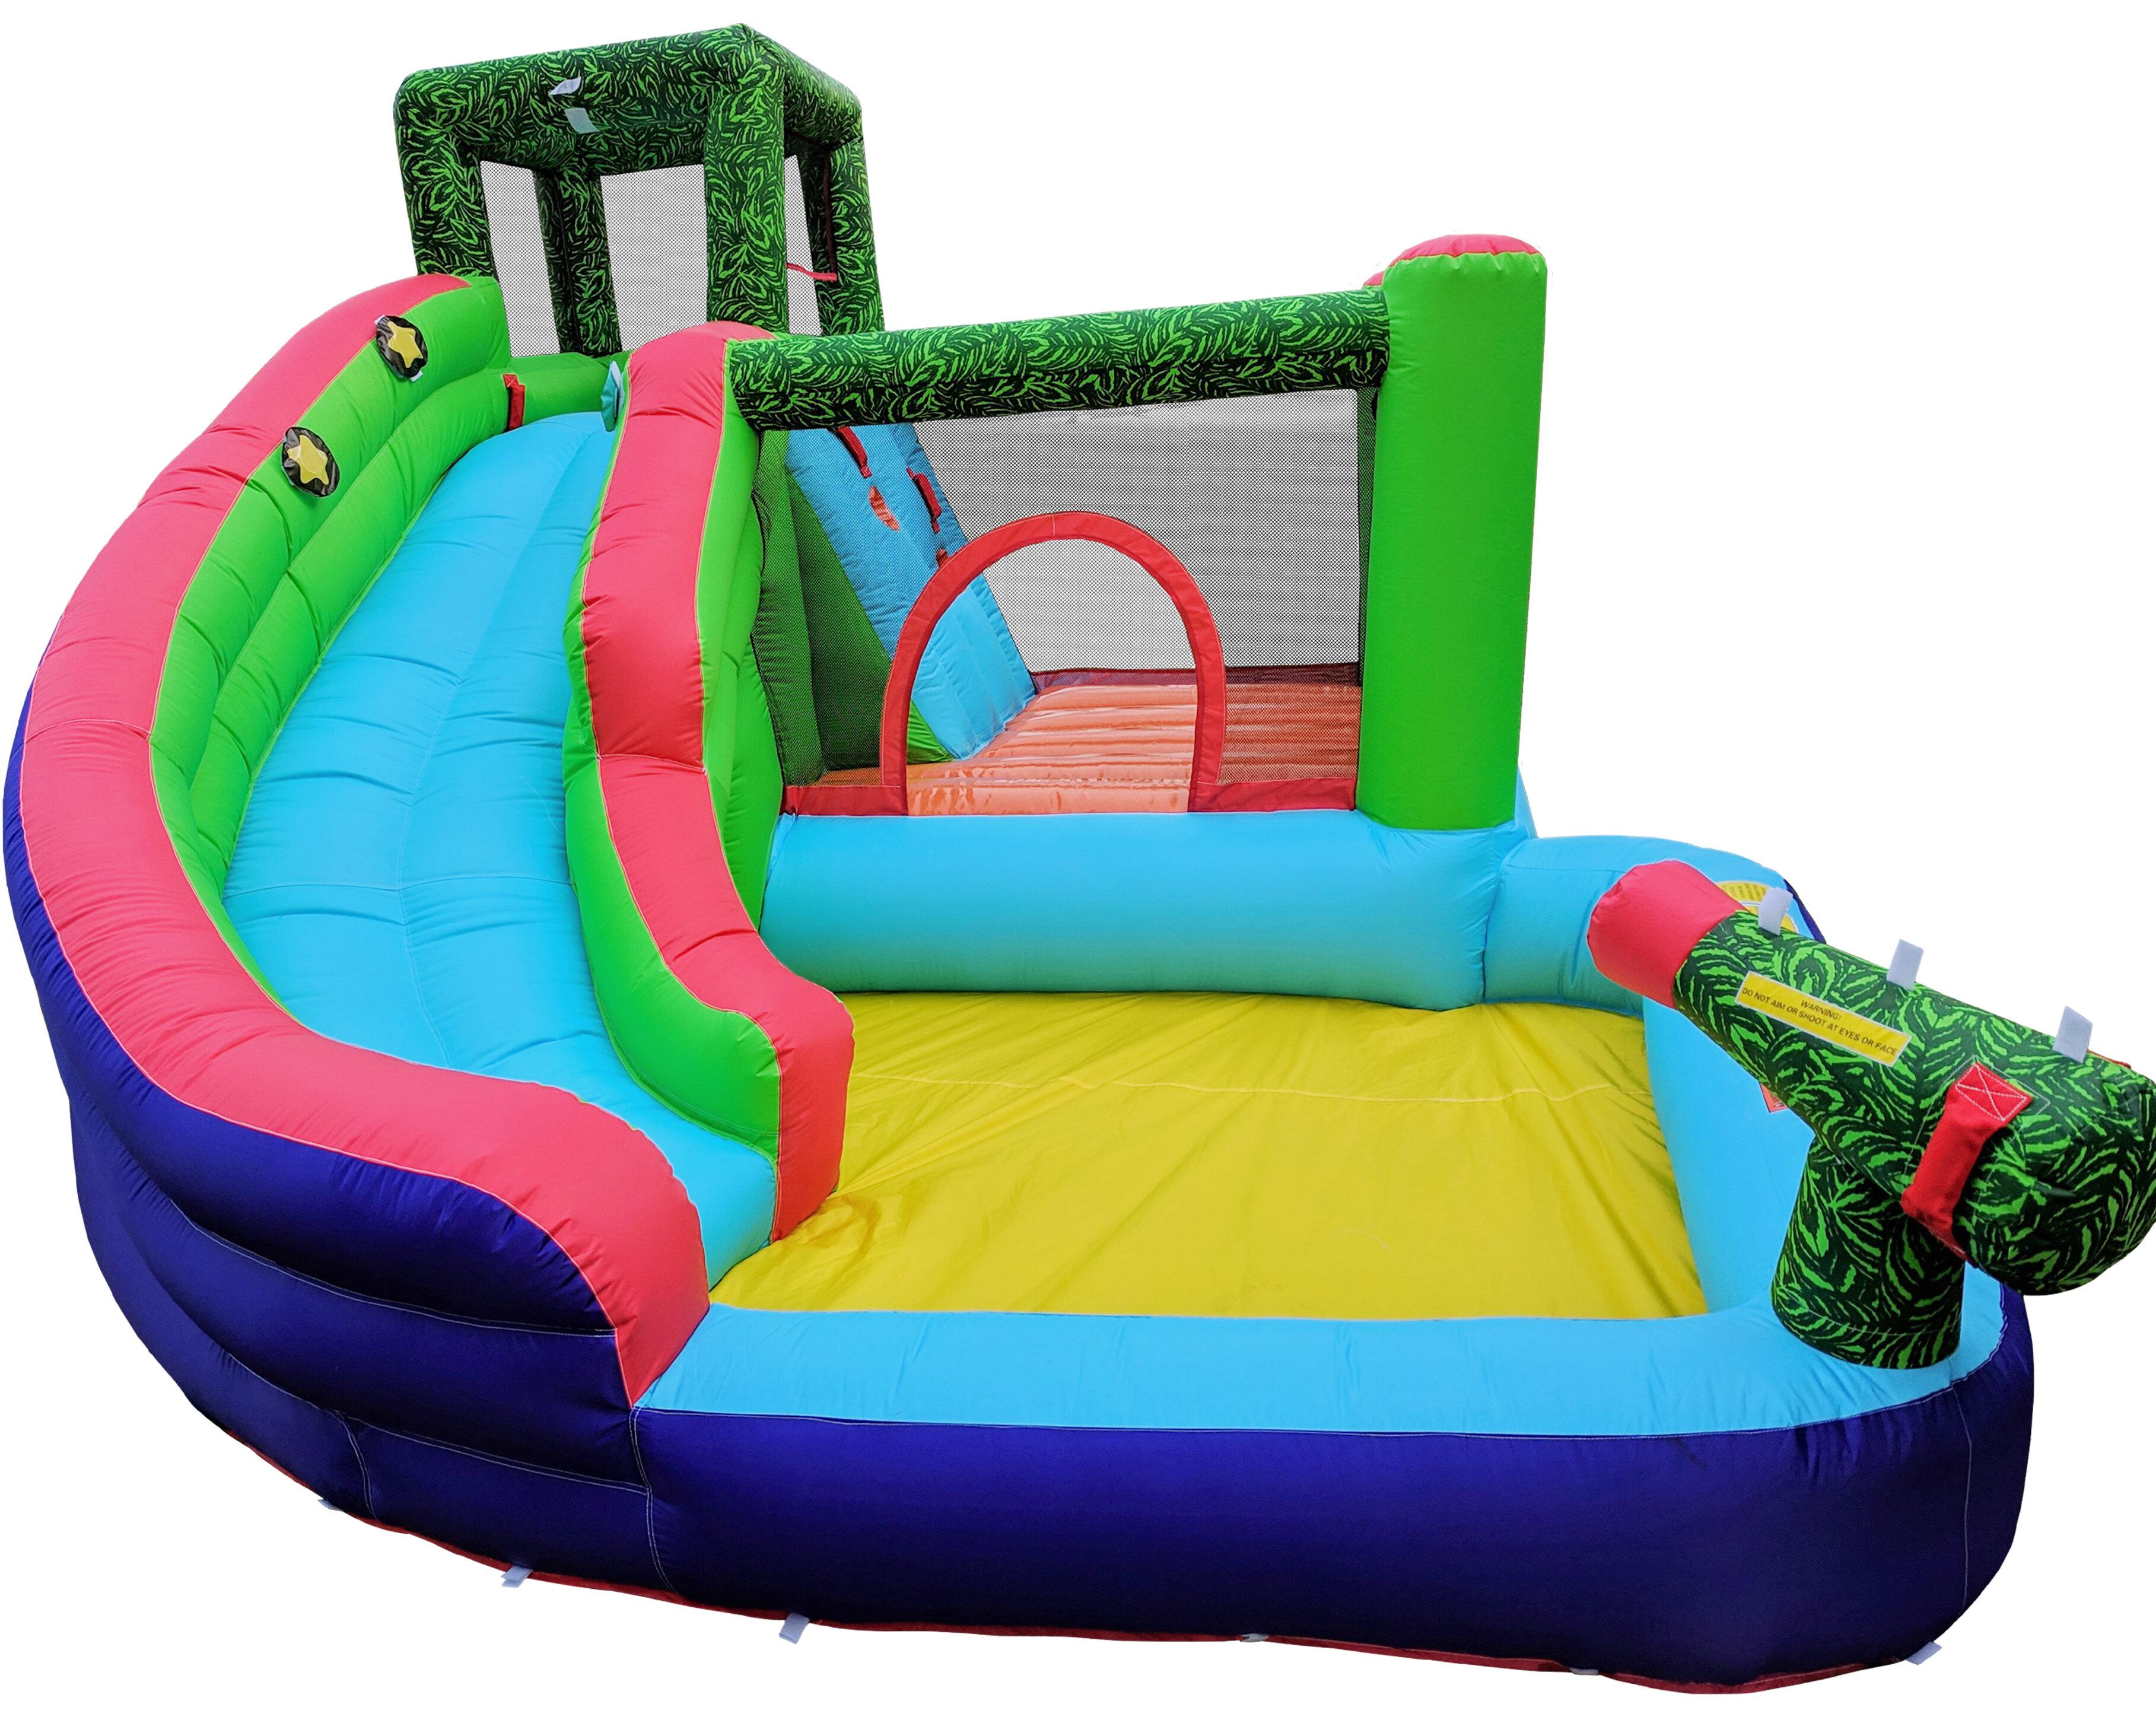 WonderBounz 7-in-1 Adventure Slide Bounce House & Reviews | Wayfair